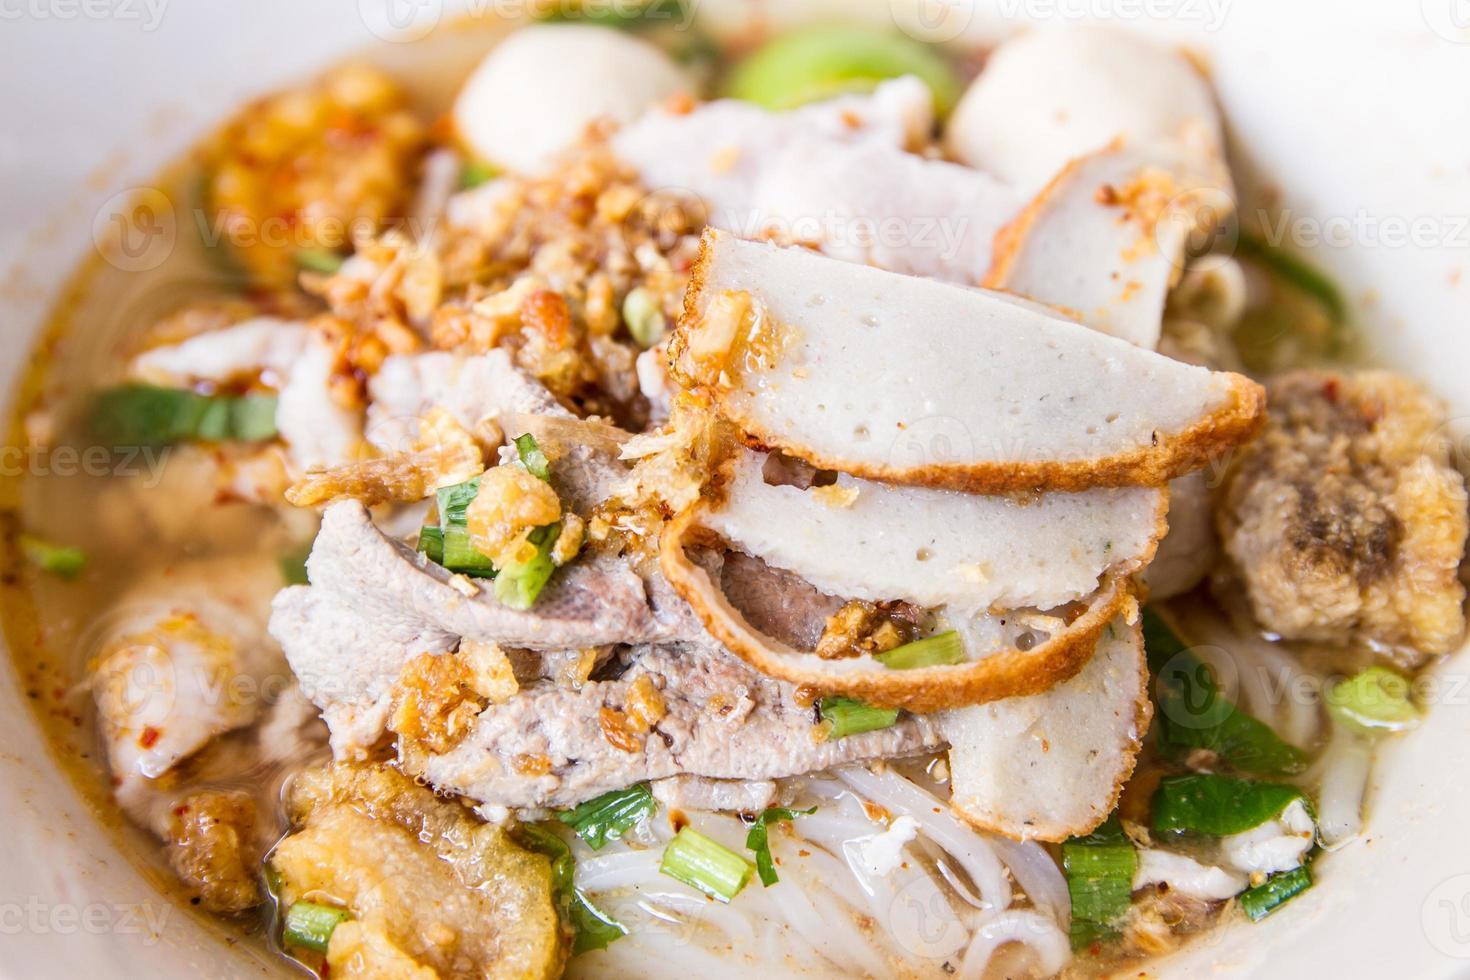 Nudeln mit Suppe in Thailand foto